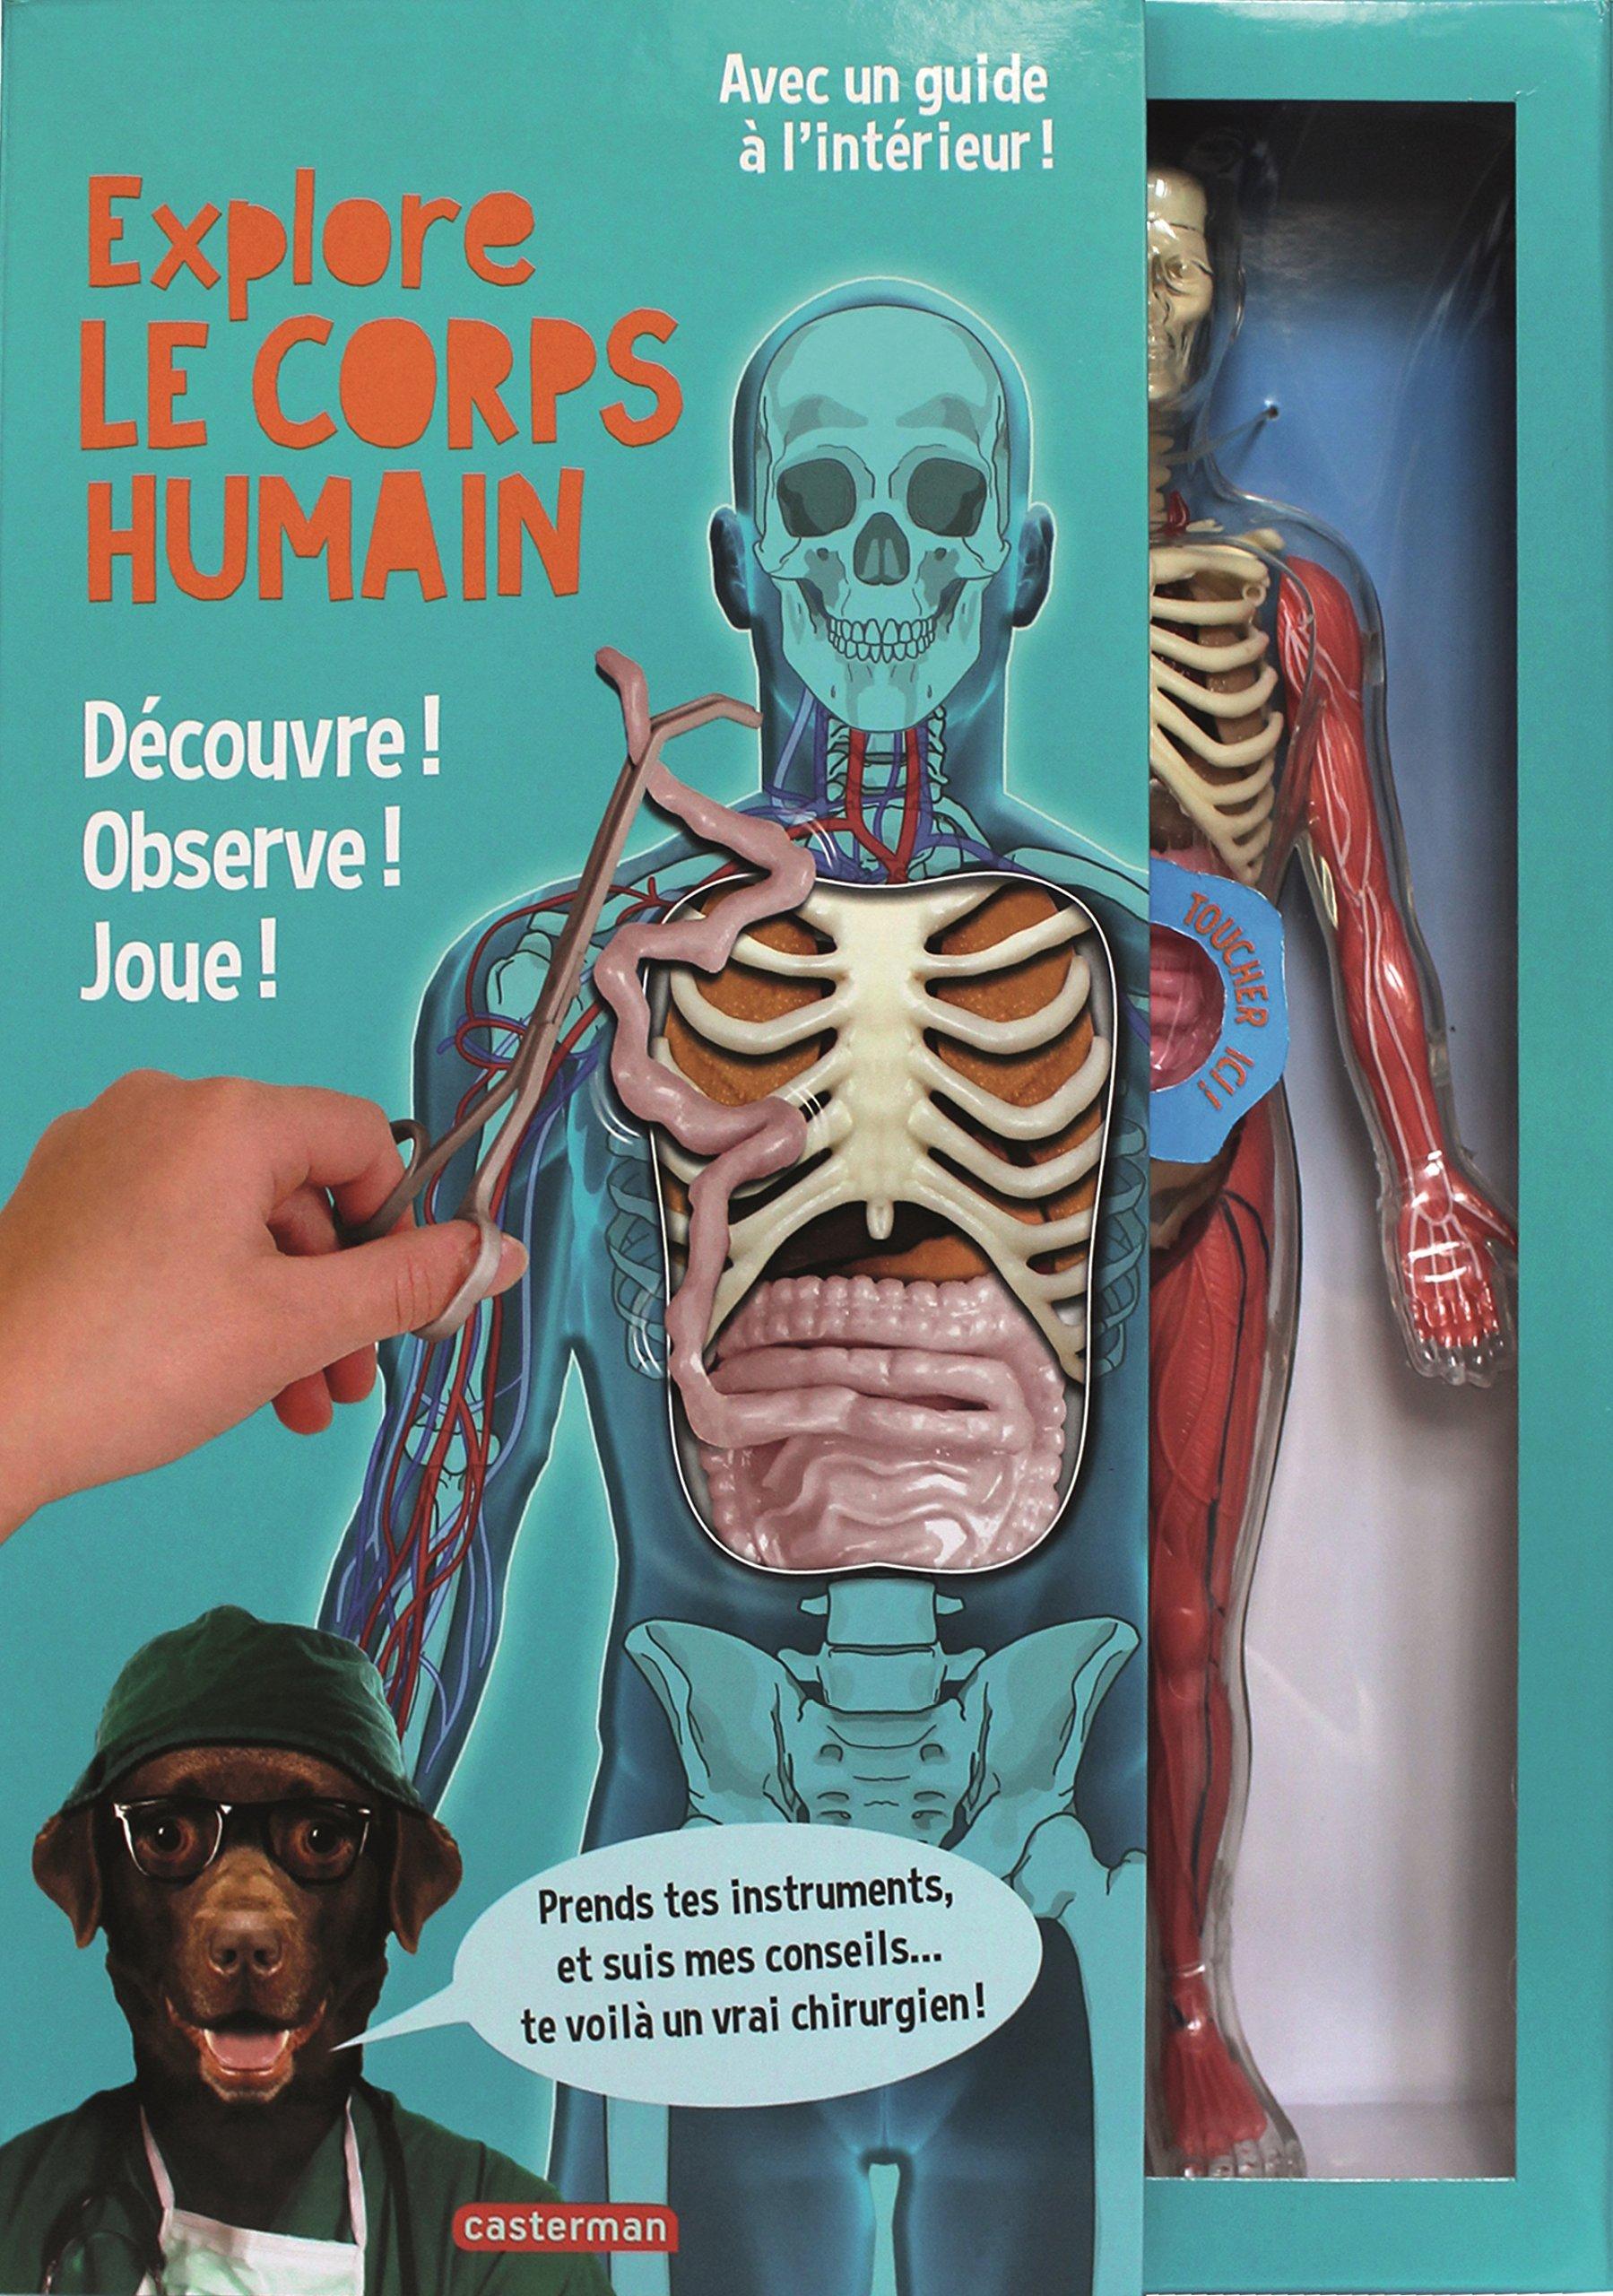 Explore le corps humain : Découvre ! Observe ! Joue ! Avec une splendide maquette transparente du corps humain Boîte – 8 novembre 2017 Tyler Freidenrich Ryan Hobson Lucille-M Kayes Atelier JMC